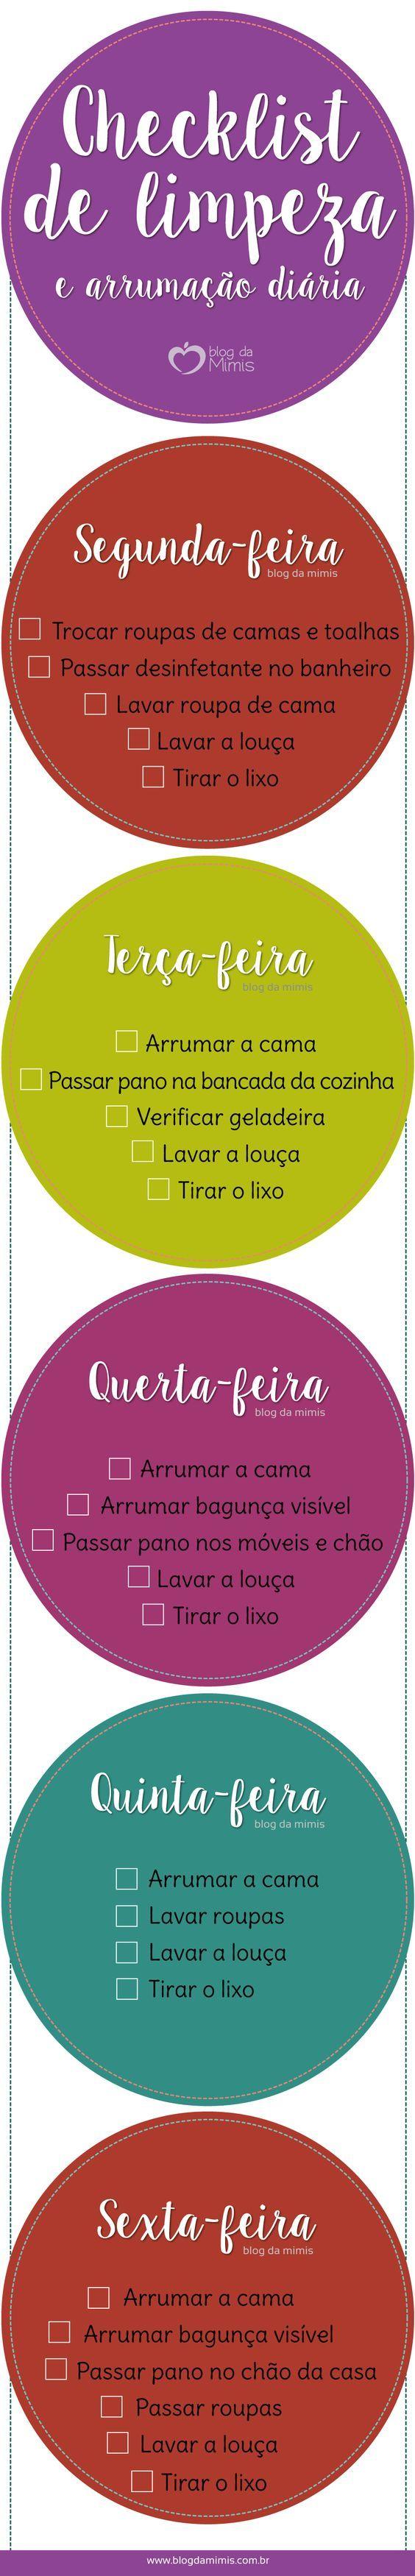 Checklist de limpeza e arrumação diária para imprimir - Blog da Mimis #infográfico #imprimir #checklist #lista #casa #arrumação #limpeza